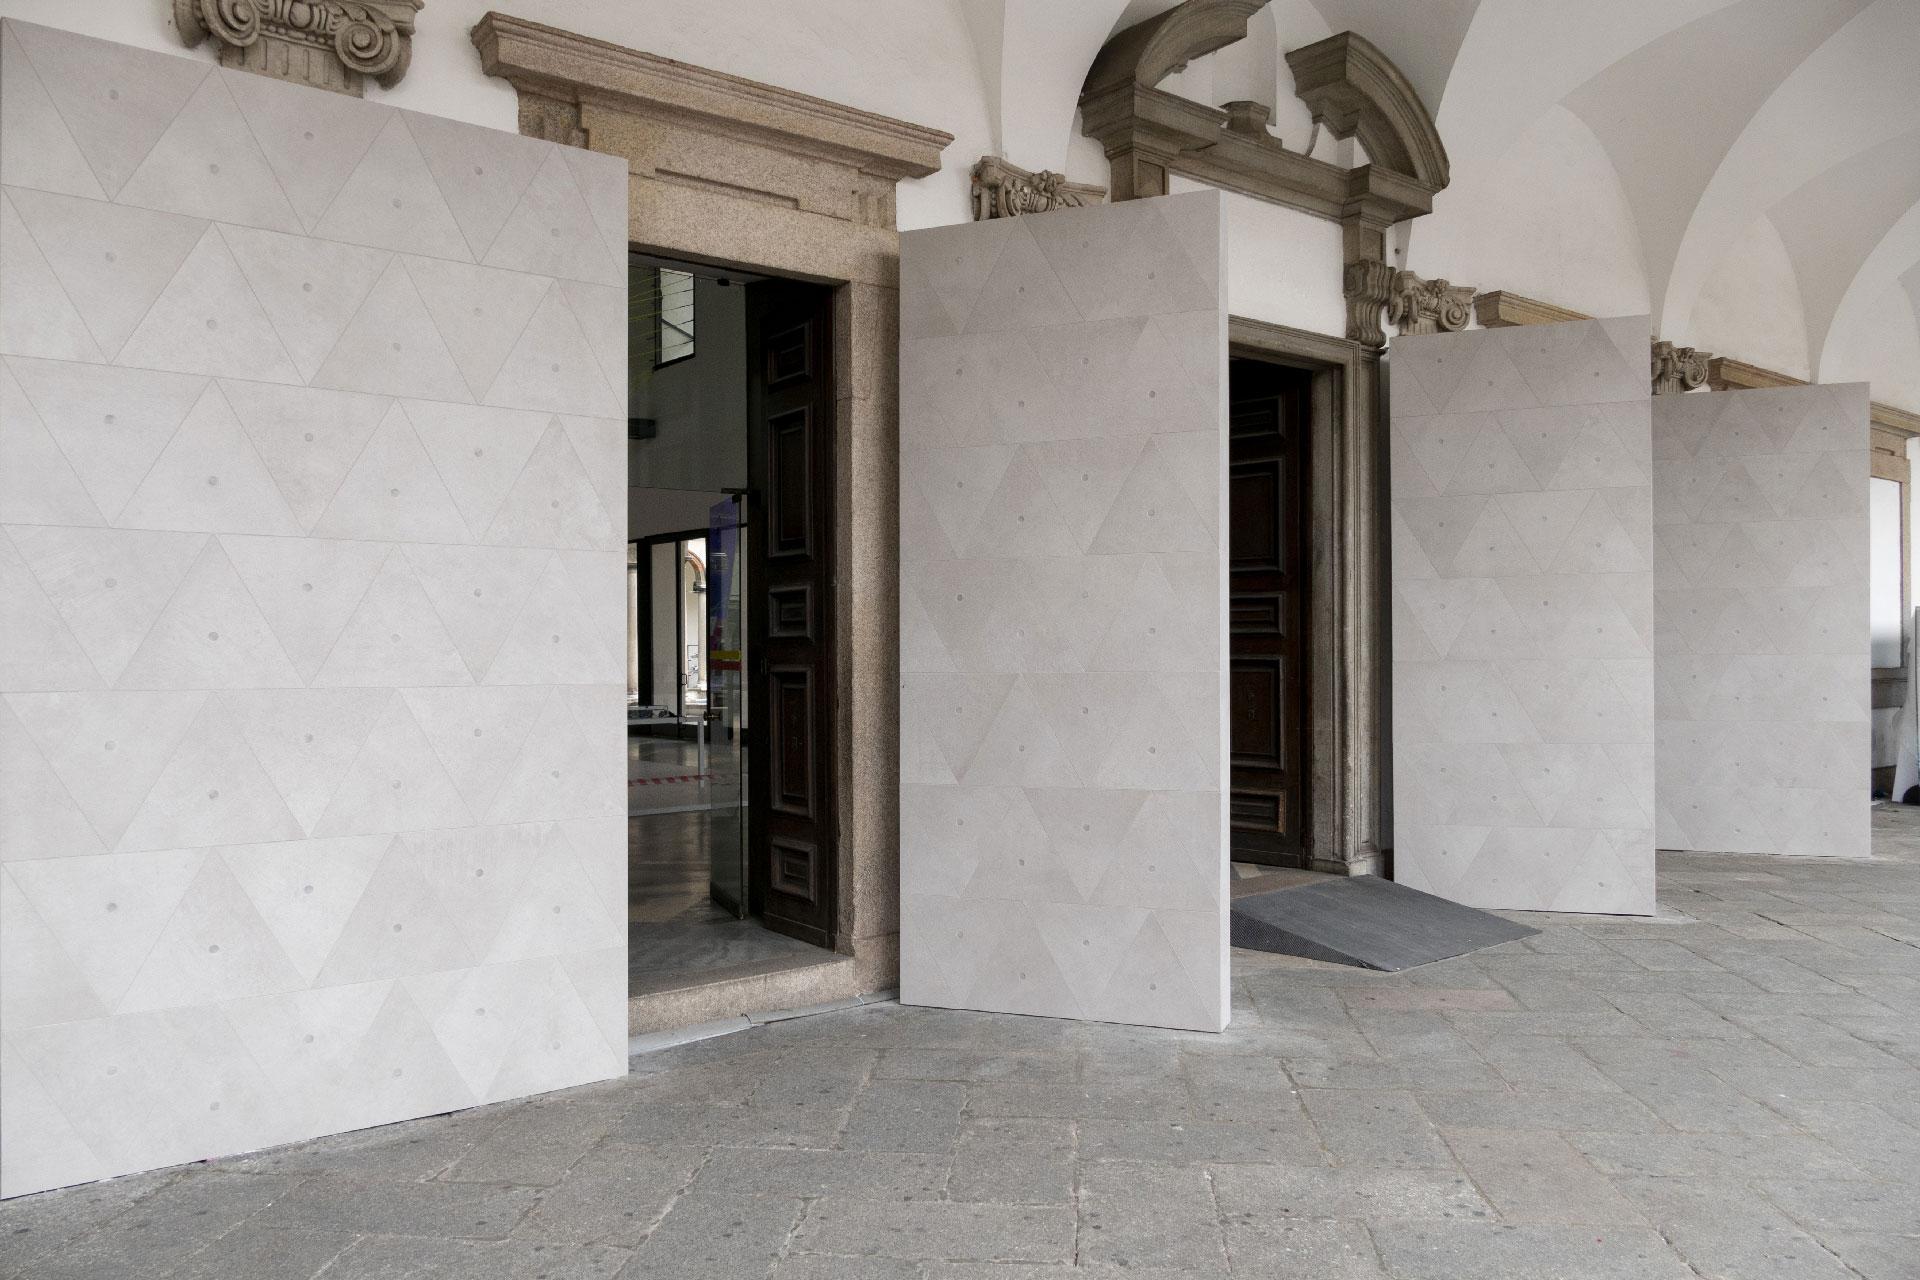 Architettura E Design Interni.Ouverture Architettura E Design Un Parallelismo Indissolubile